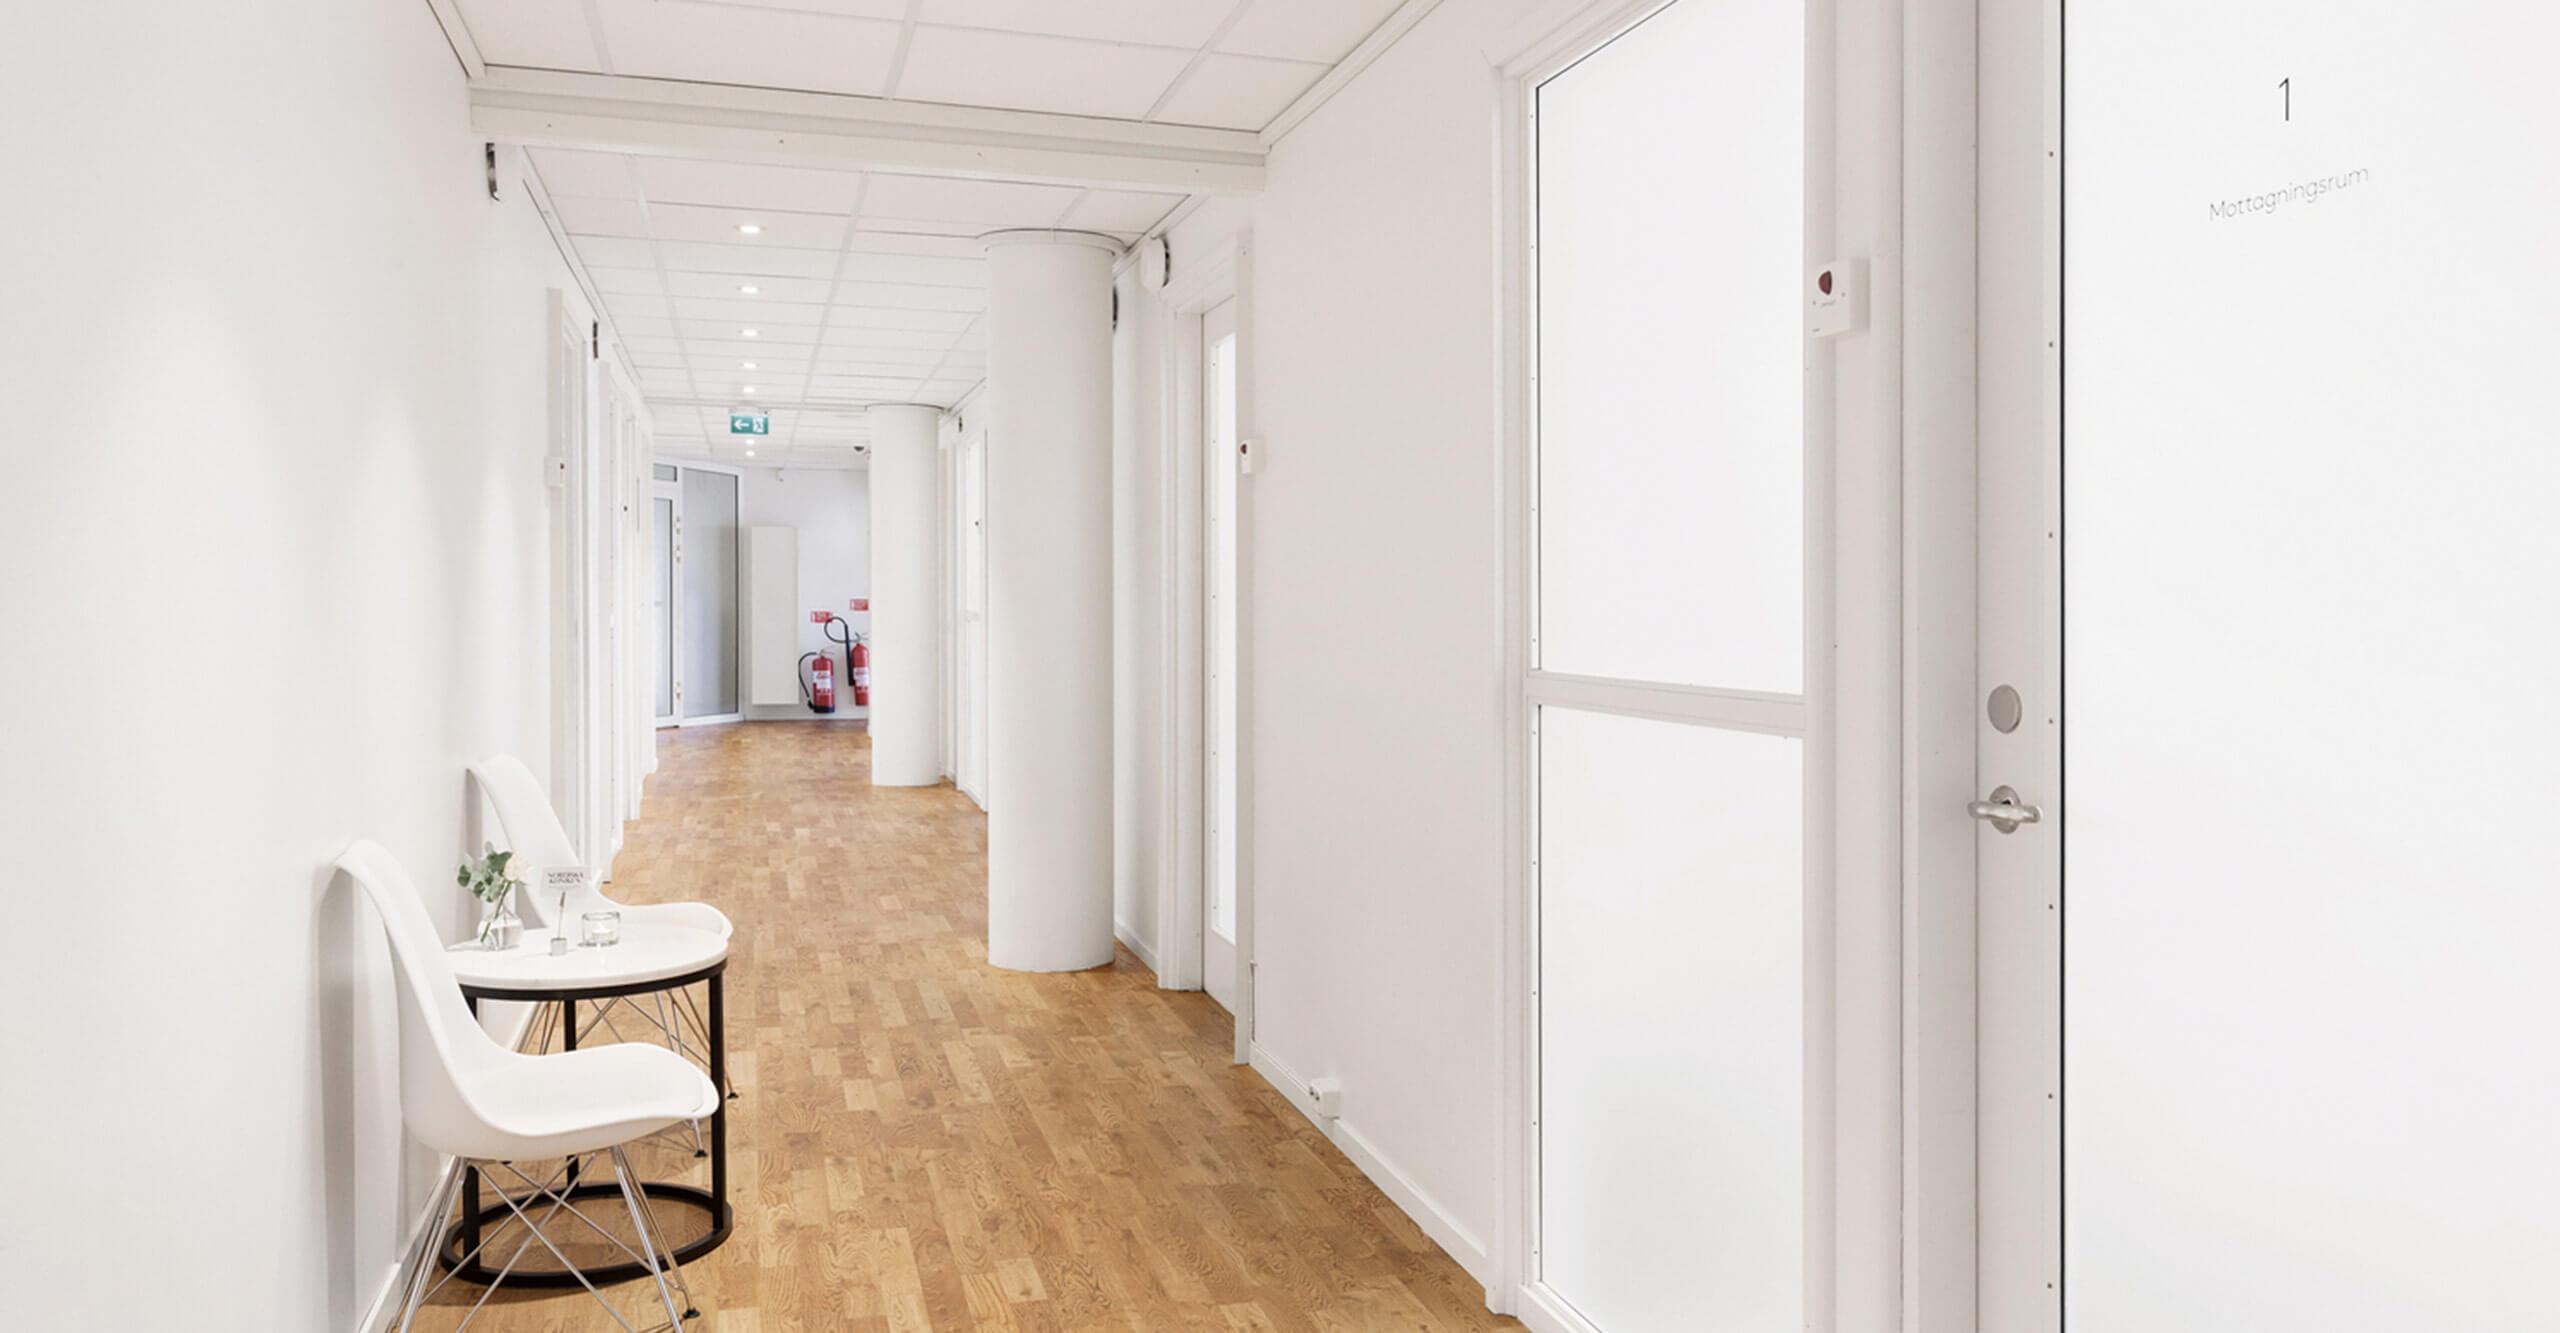 Korridor med behandlingsrum på Nordiska Kliniken Sergels Torg